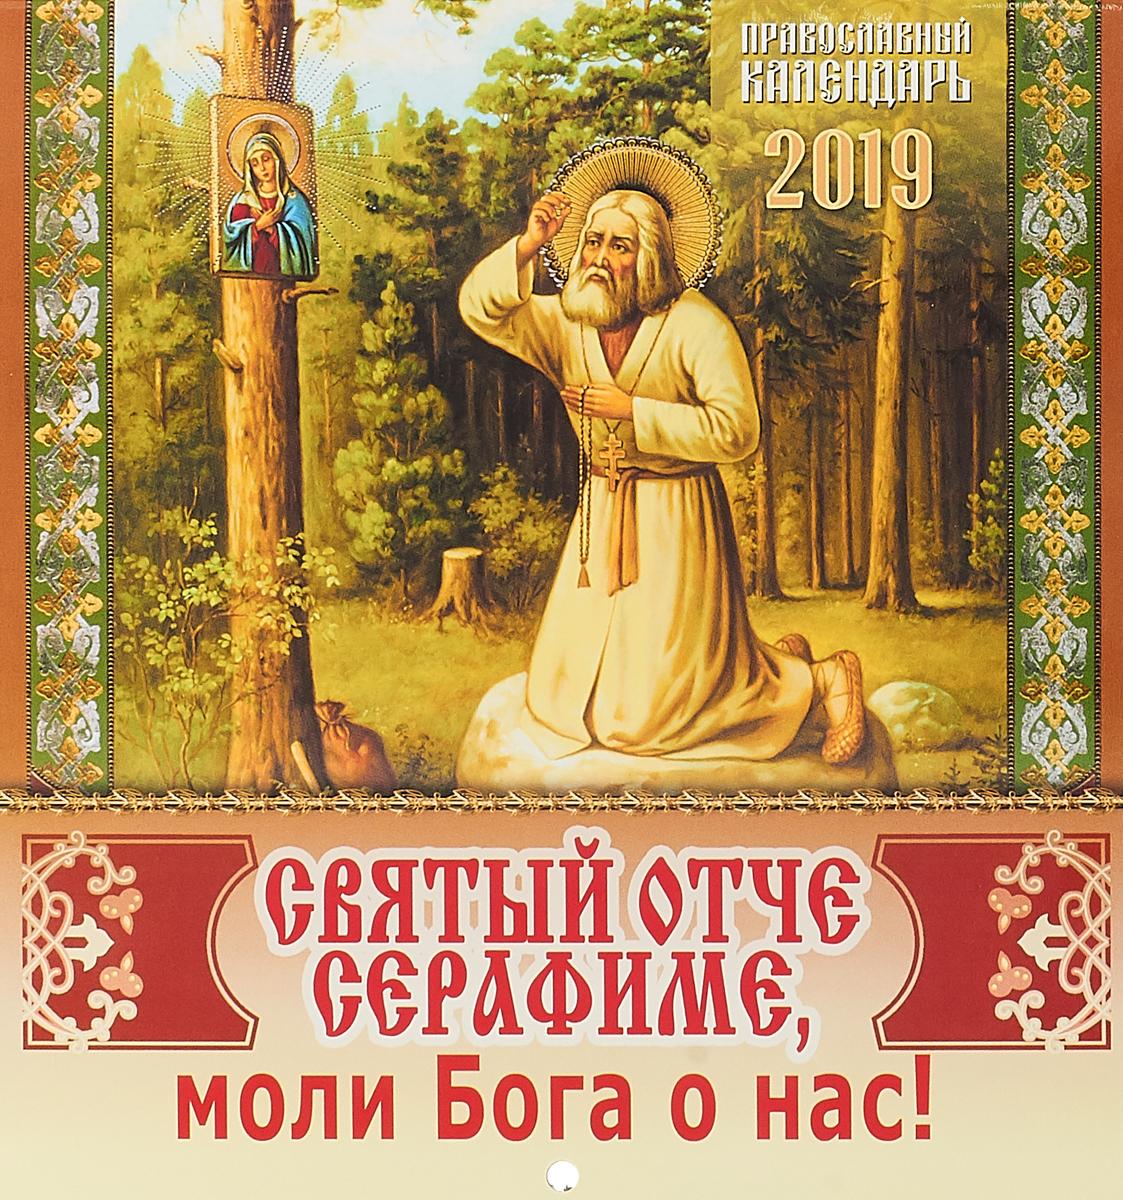 Календарь на 2019 год. Святый отче Серафиме, моли Бога о нас! сборник святый княже александре моли бога о нас